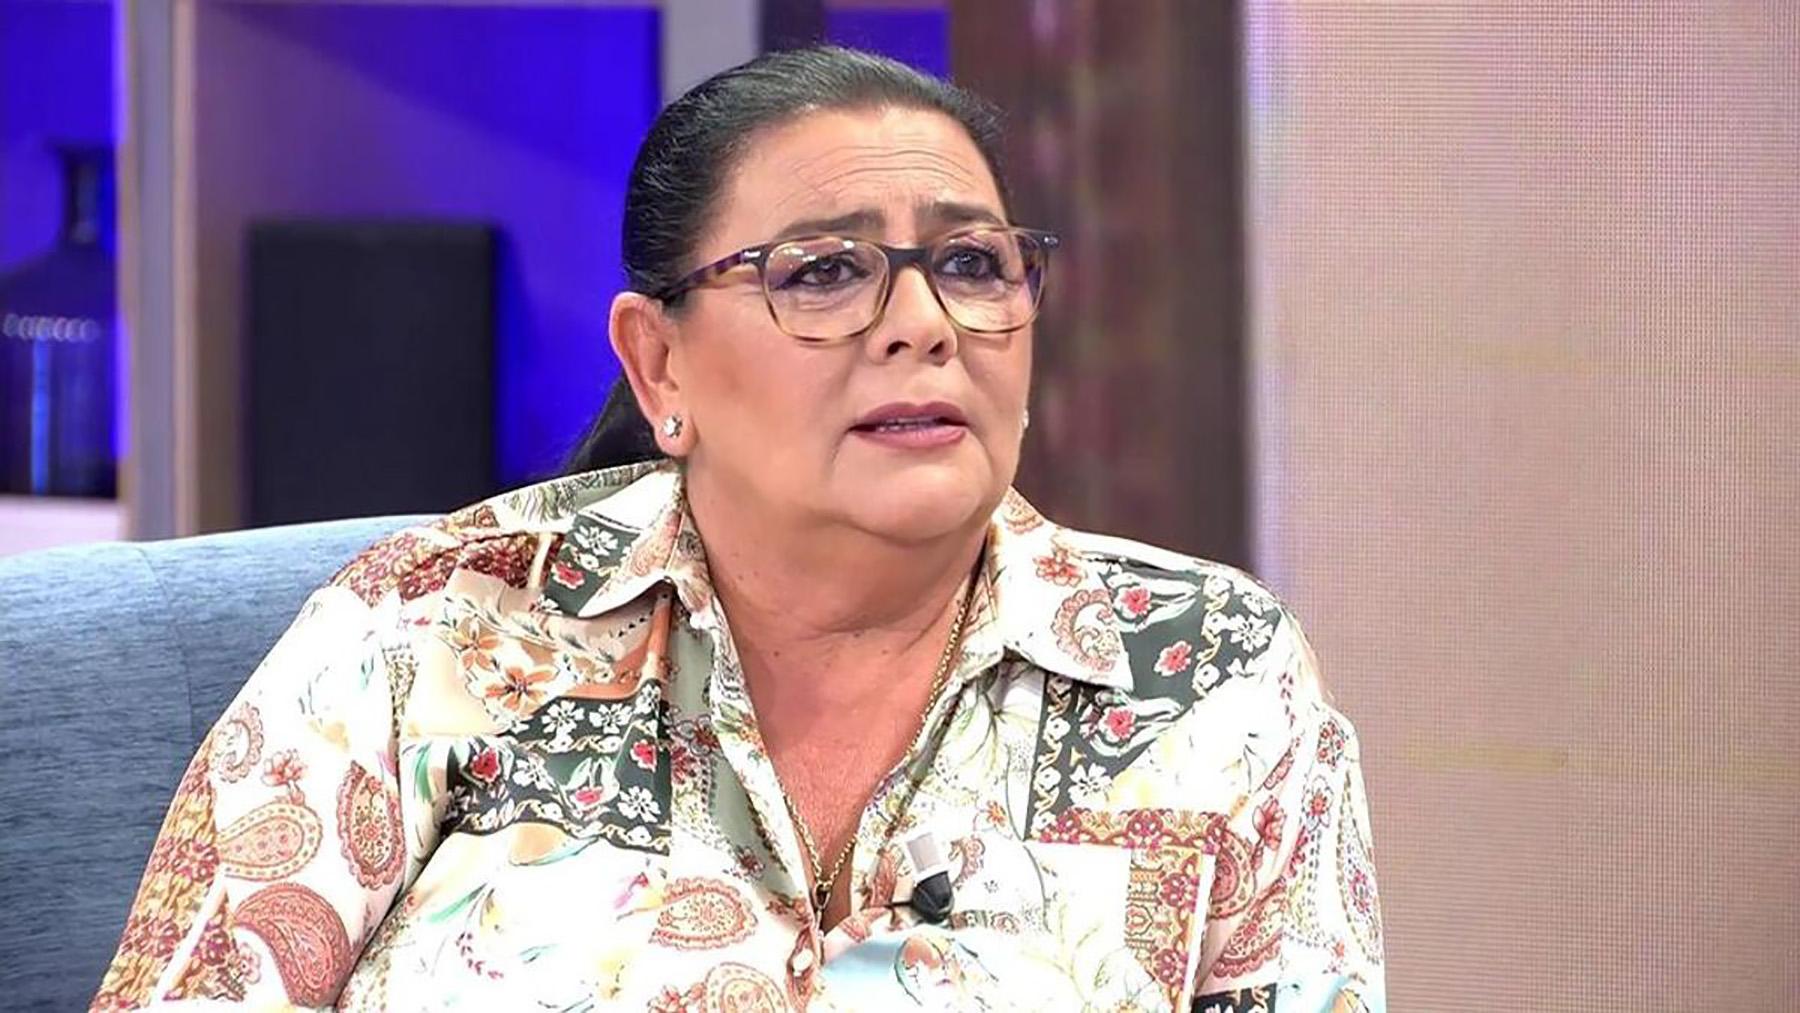 María del Monte durante su entrevista con Toñi Moreno / Mediaset